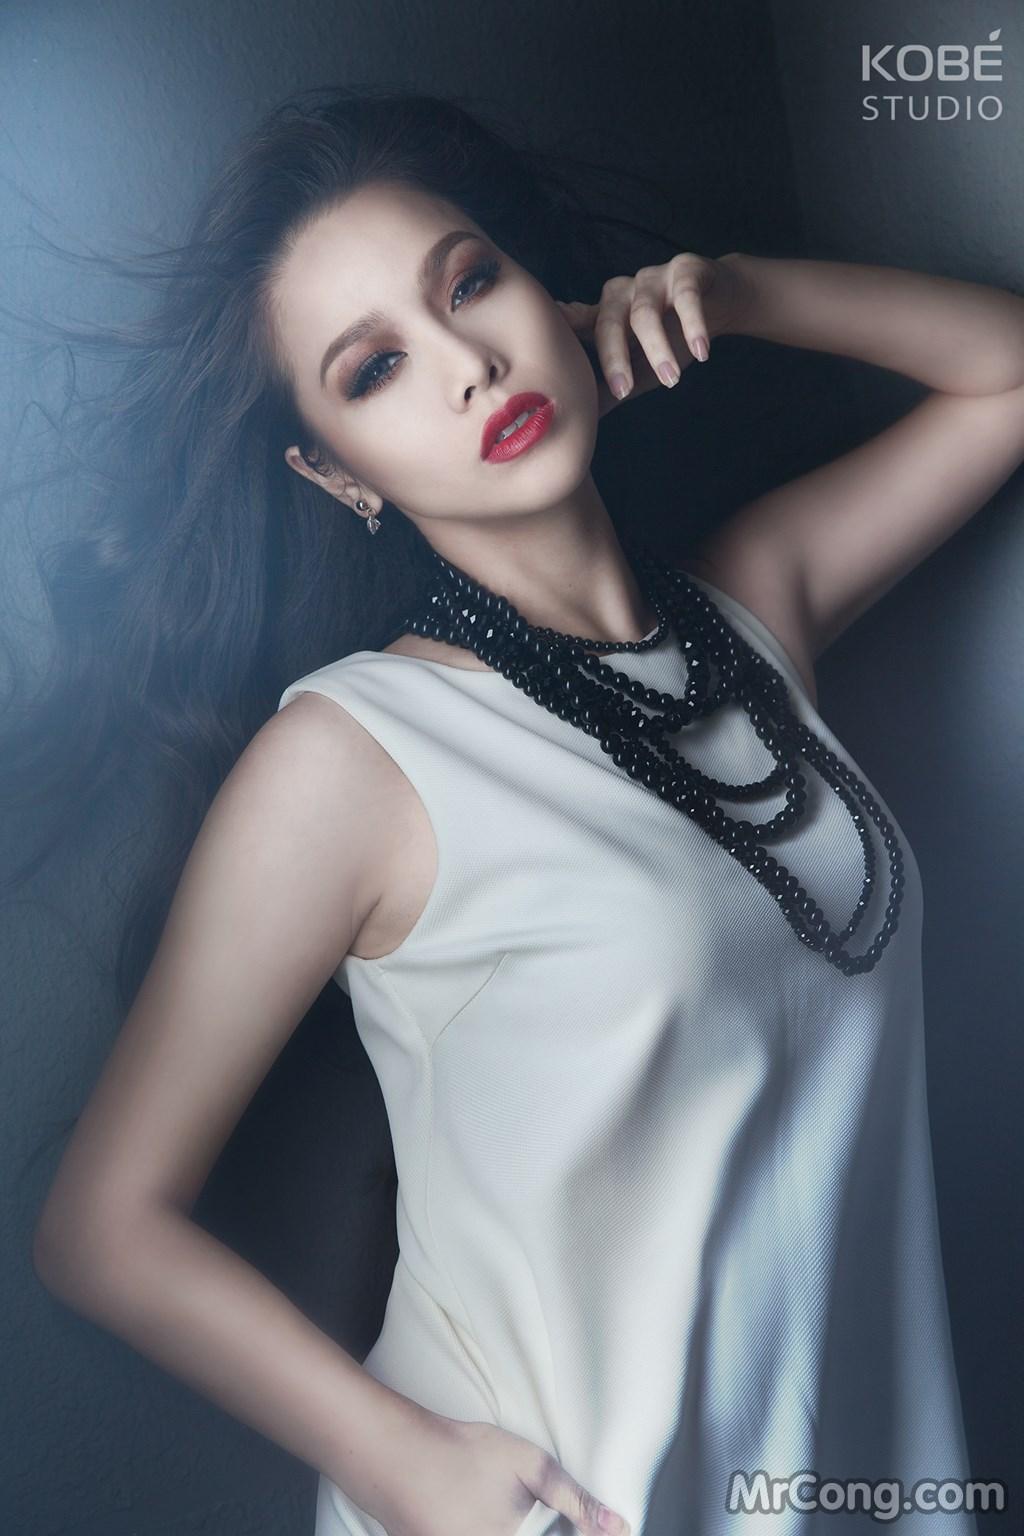 Image Gai-xinh-Viet-Nam-by-HK-Digital-MrCong.com-003 in post Người mẫu Việt sexy qua ống kính nhiếp ảnh gia Hoang HK (152 ảnh)